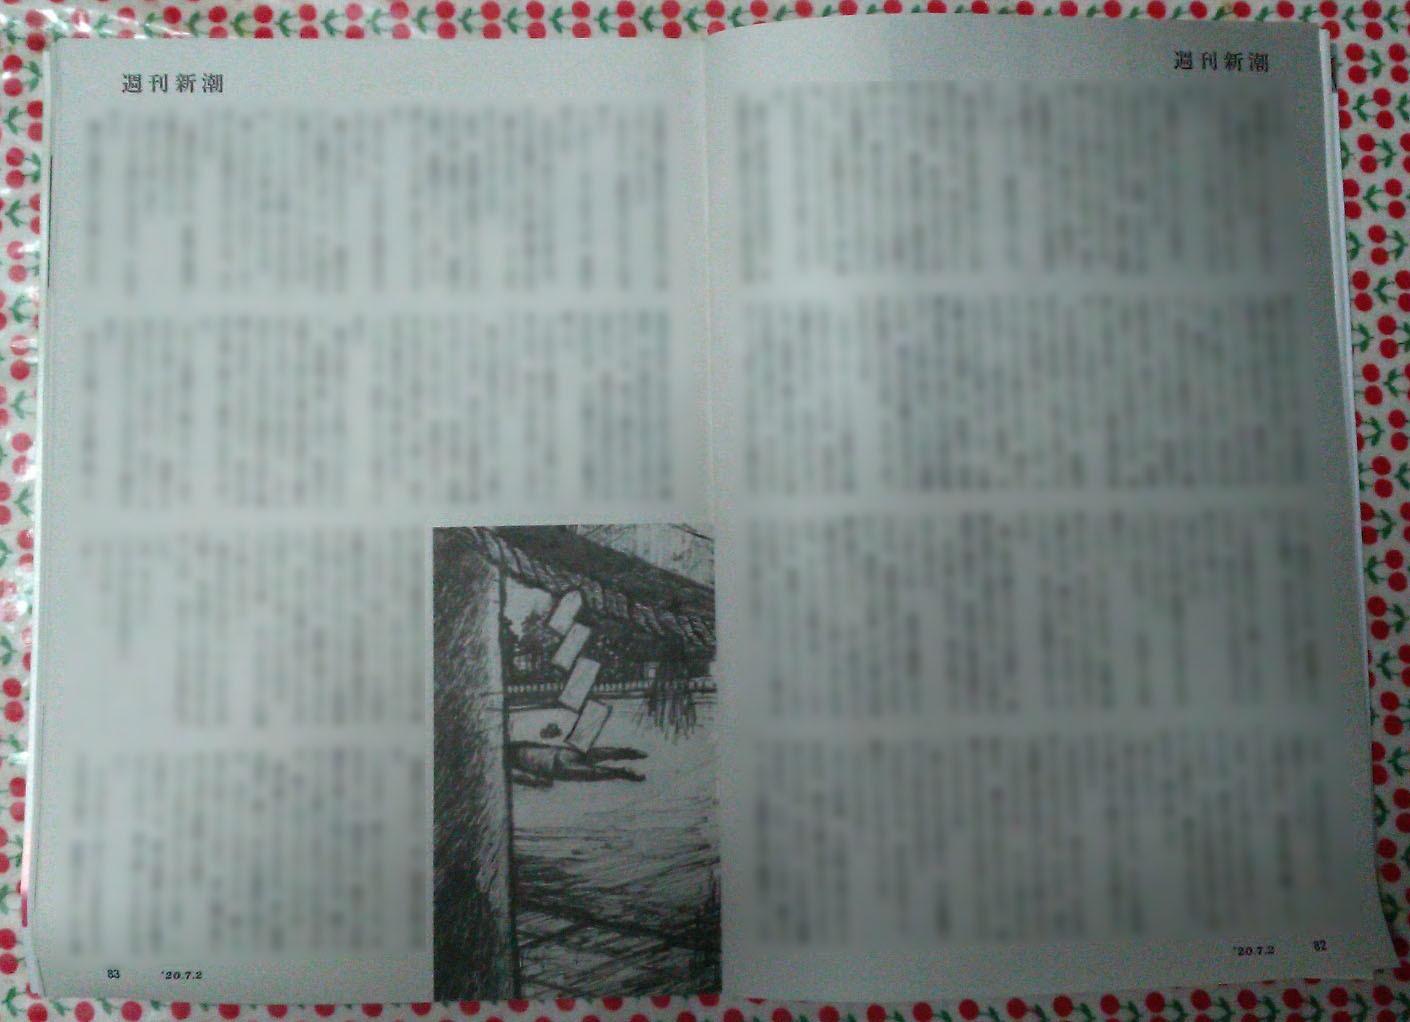 週刊新潮「雷神」挿絵 第25回_b0136144_04103523.jpg